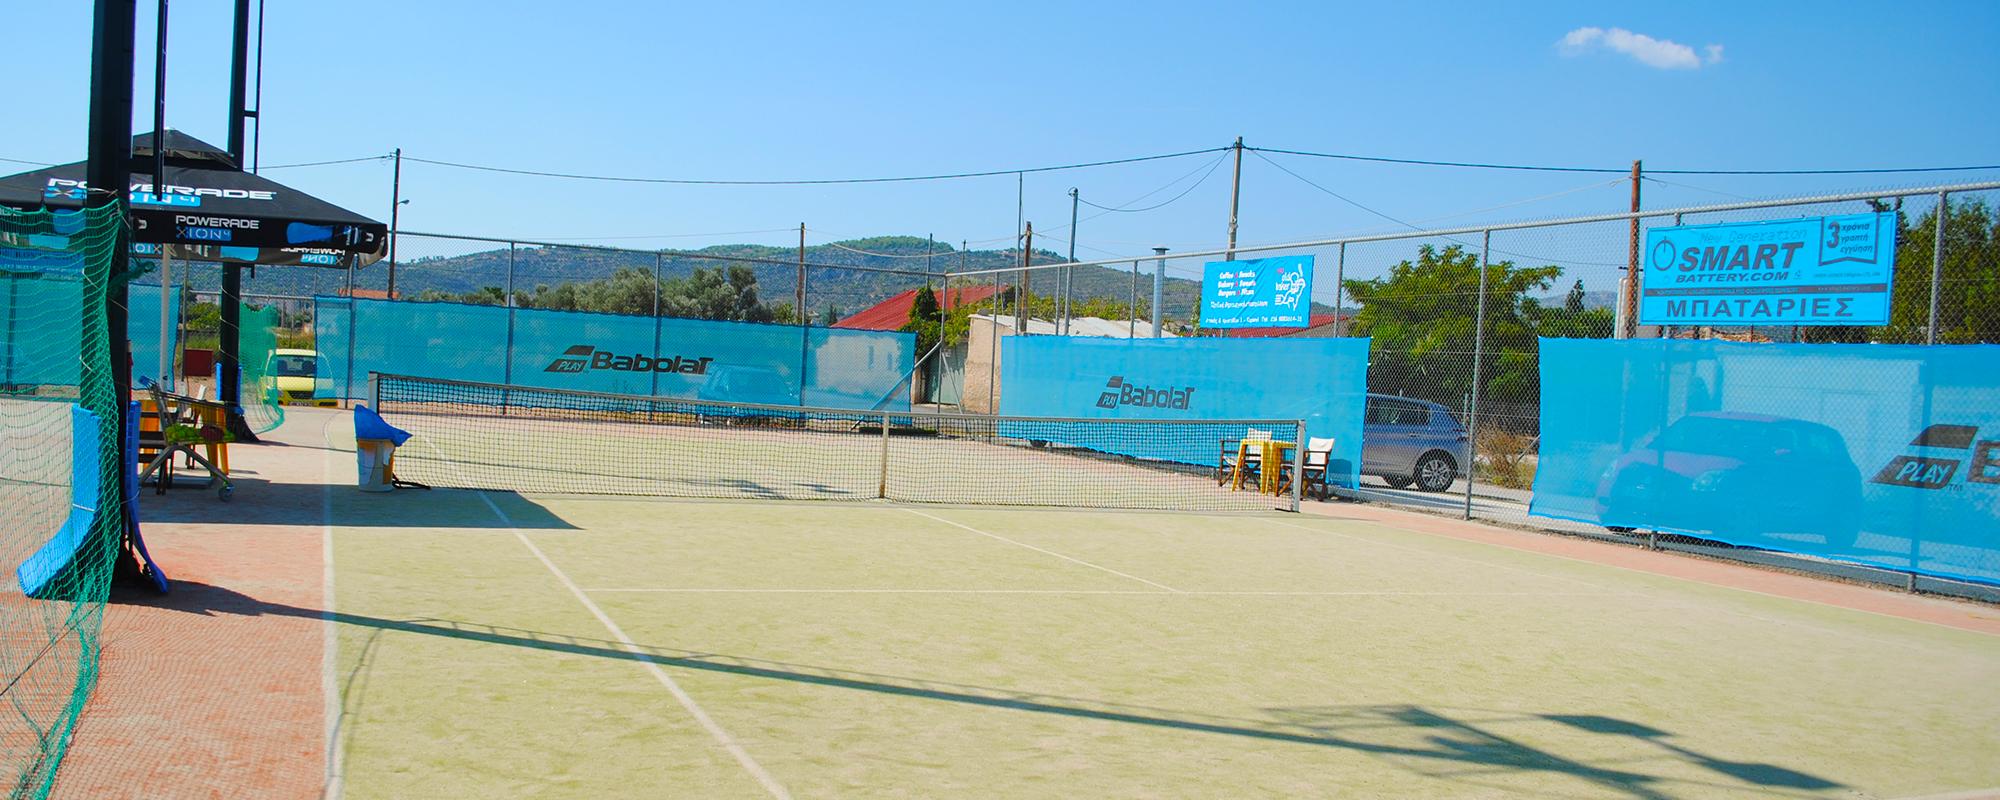 Όμιλος Αντισφαίρισης Κορωπίου Ο.Α.Κ.